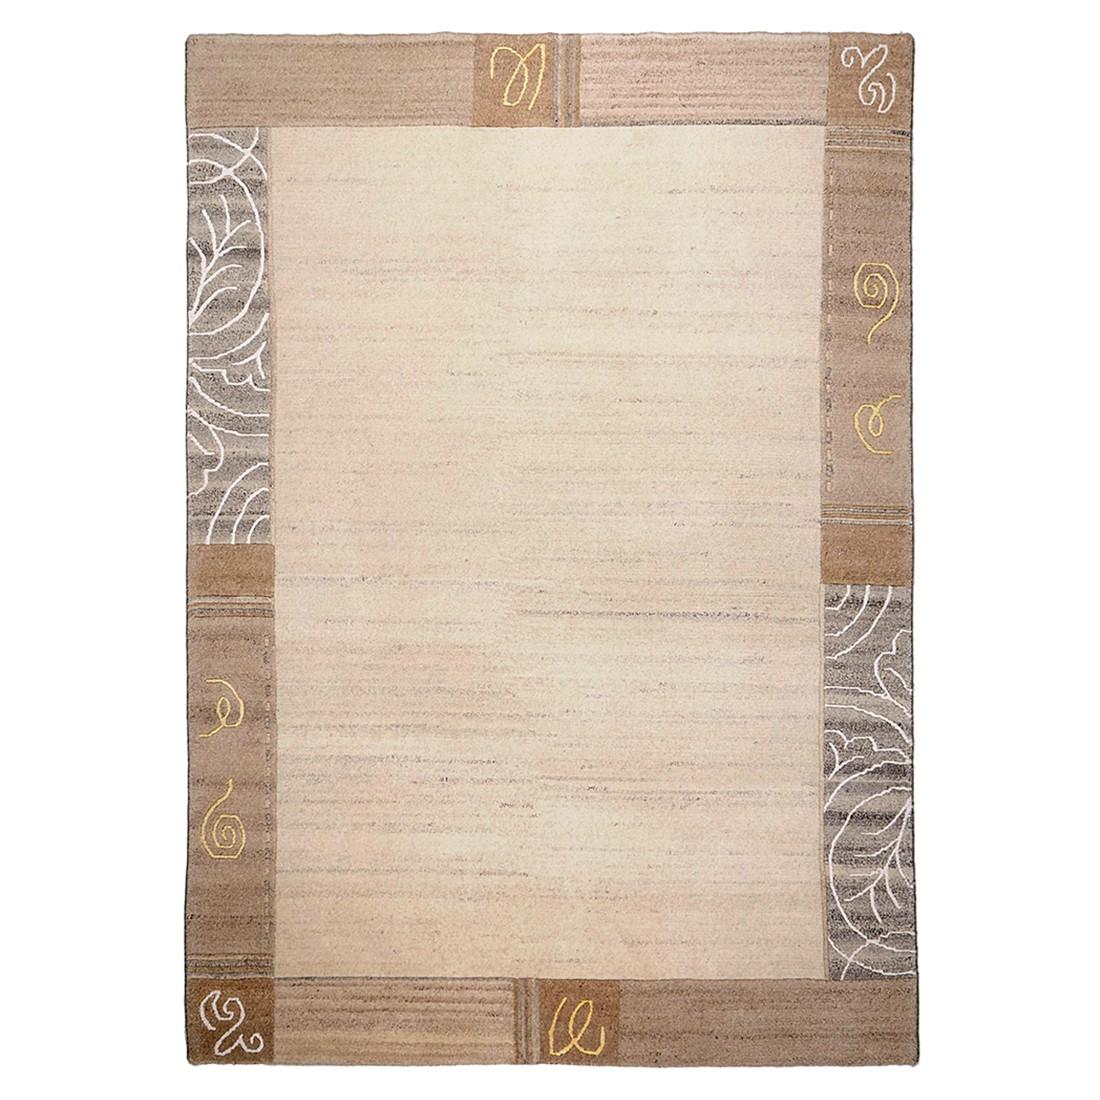 teppich nakarta wolle grau 190 cm x 290 cm theko die markenteppiche jetzt kaufen. Black Bedroom Furniture Sets. Home Design Ideas